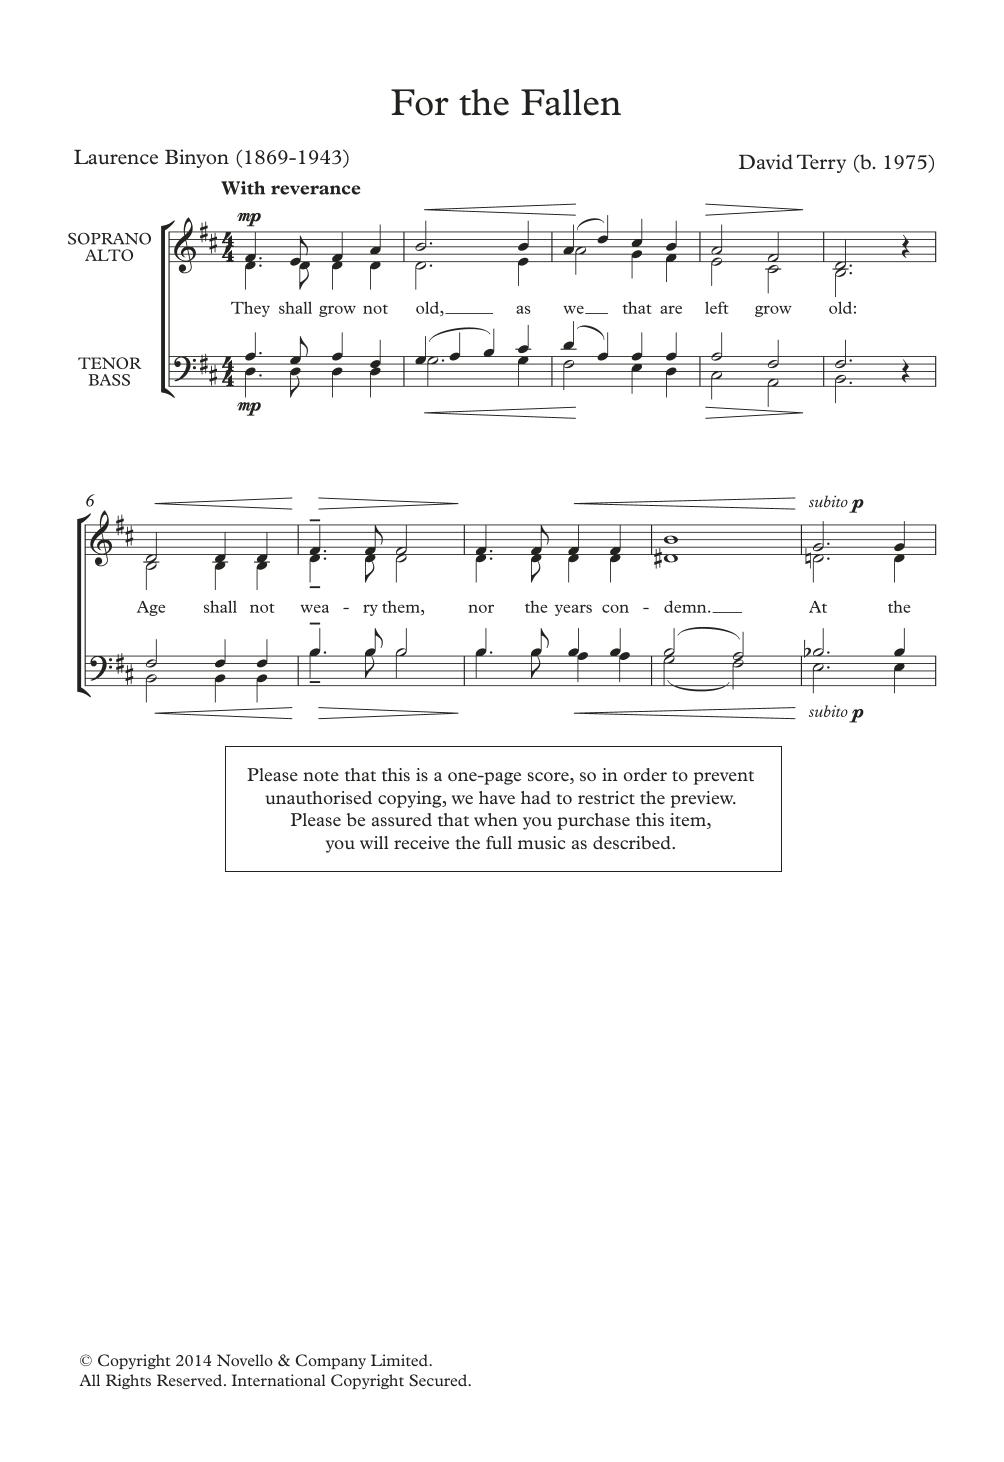 For The Fallen Sheet Music